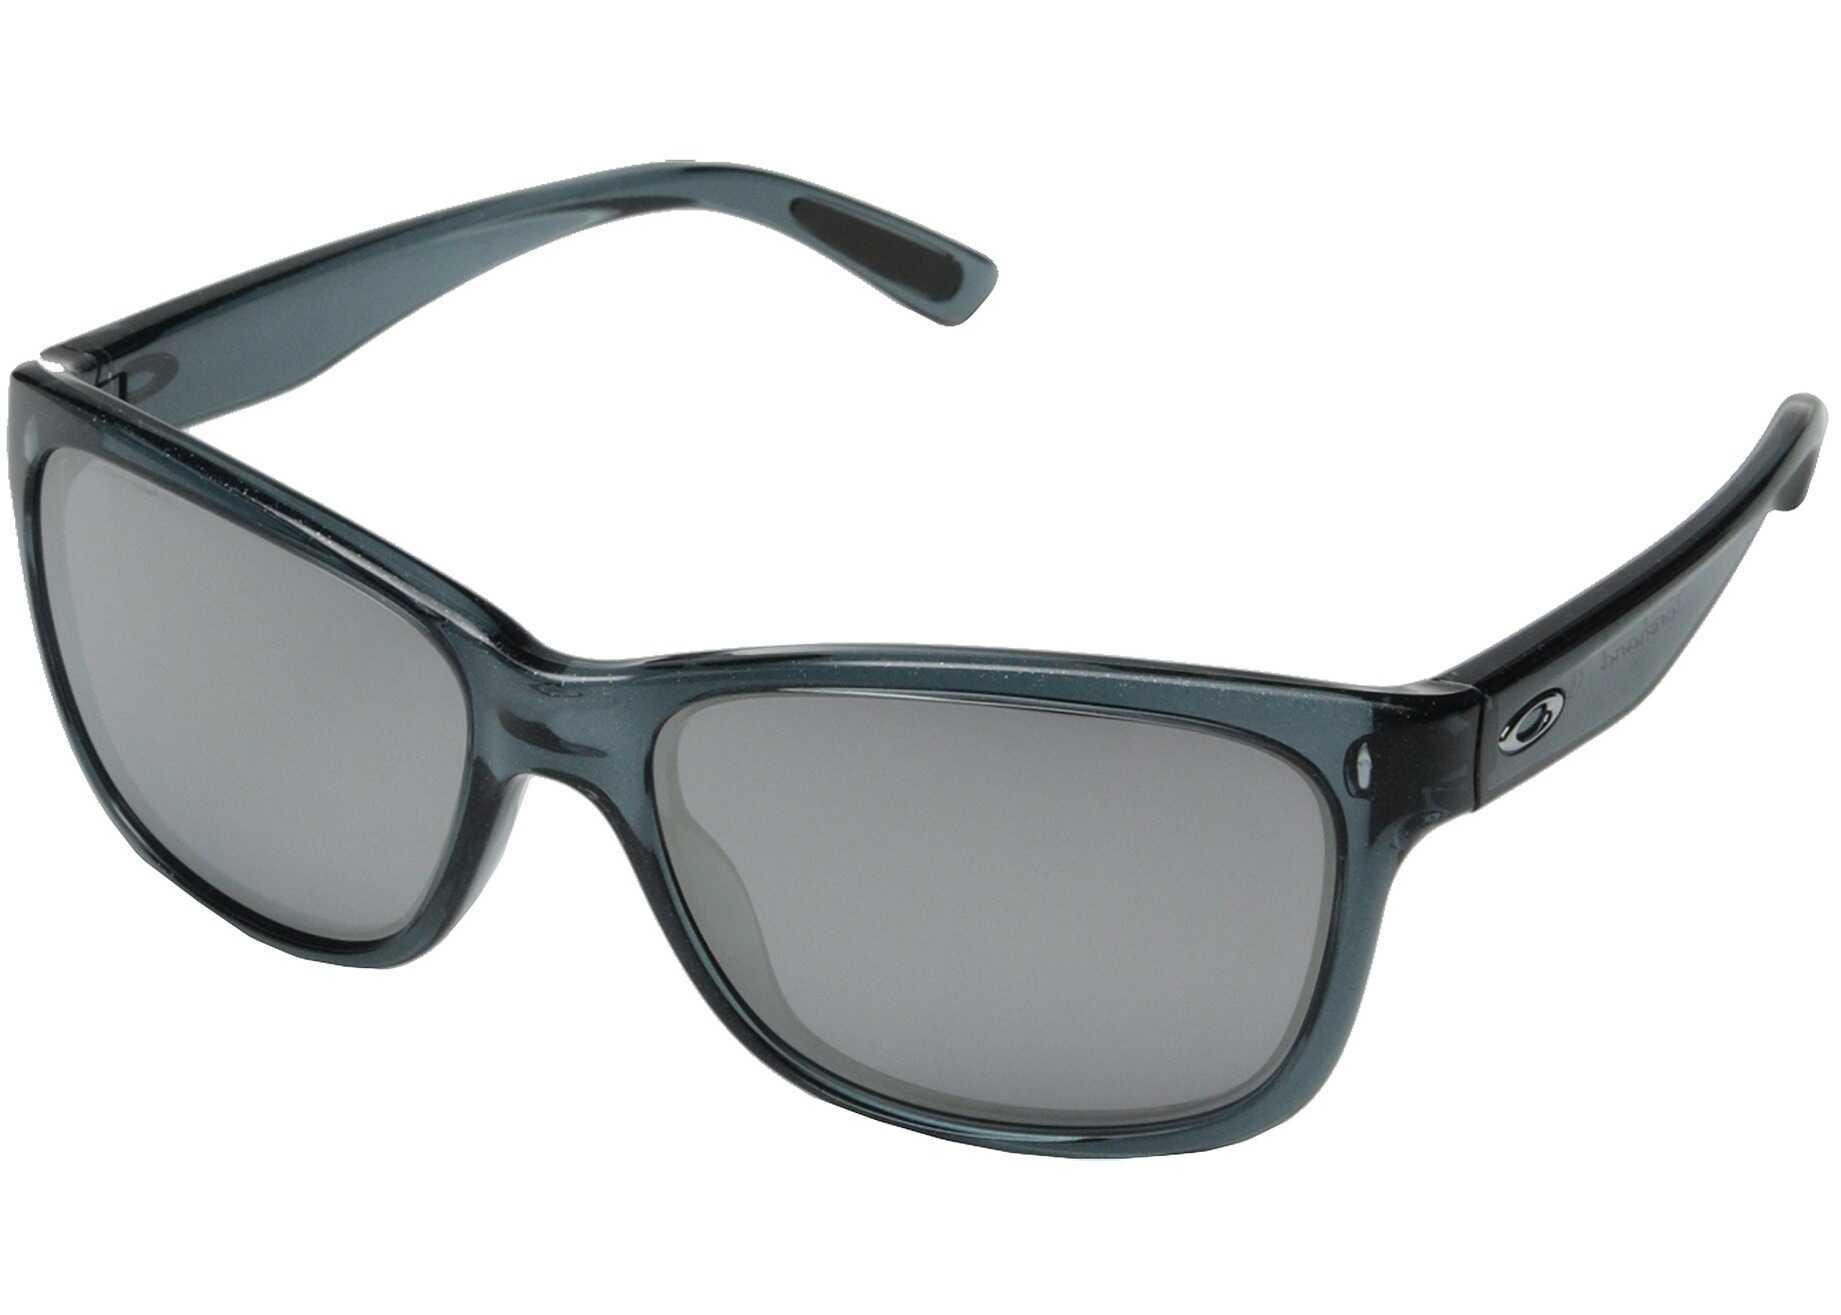 Oakley 9179 SOLE 917921